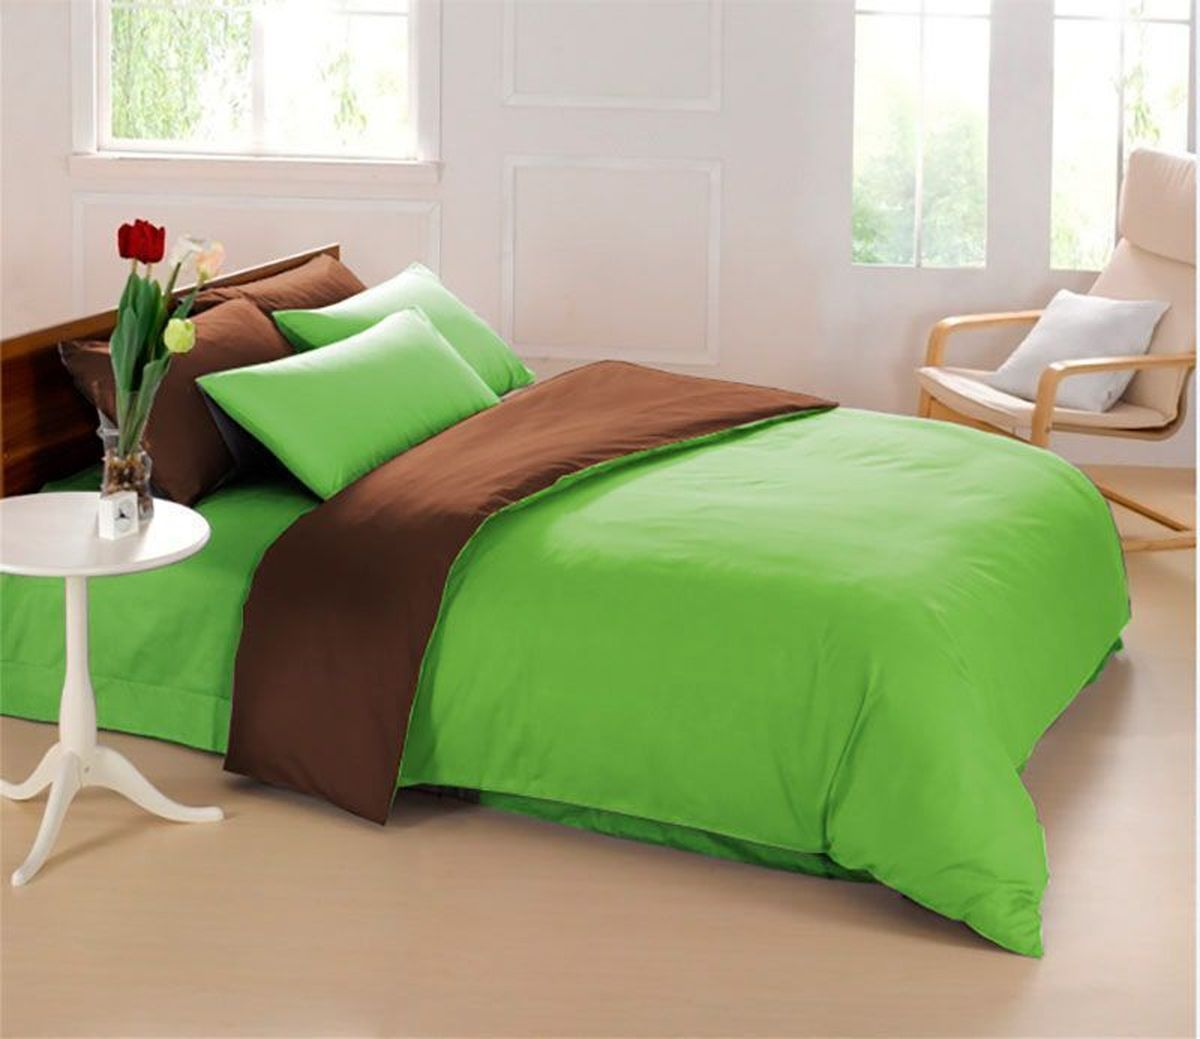 """Комплект постельного белья Sleep iX """"Perfection"""" состоит из двух пододеяльников,   простыни и четырех наволочек. Предметы комплекта выполнены из абсолютно   гипоаллергенной микрофибры, неприхотливой в уходе. Благодаря такому комплекту постельного белья вы сможете создать атмосферу уюта и   комфорта в вашей спальне.   Известно, что цвет напрямую воздействует на психологическое и физическое состояние   человека. Зеленый - успокаивающий, нейтральный, мягкий цвет. Нормализует деятельность   сердечно-сосудистой системы, успокаивает сильное сердцебиение, стабилизирует   артериальное давление и функции нервной системы.  Коричневый - спокойный и сдержанный цвет. Вызывает ощущение тепла, способствует   созданию спокойного мягкого настроения. Это цвет надежности, прочности, здравого   смысла.        Советы по выбору постельного белья от блогера Ирины Соковых. Статья OZON Гид"""